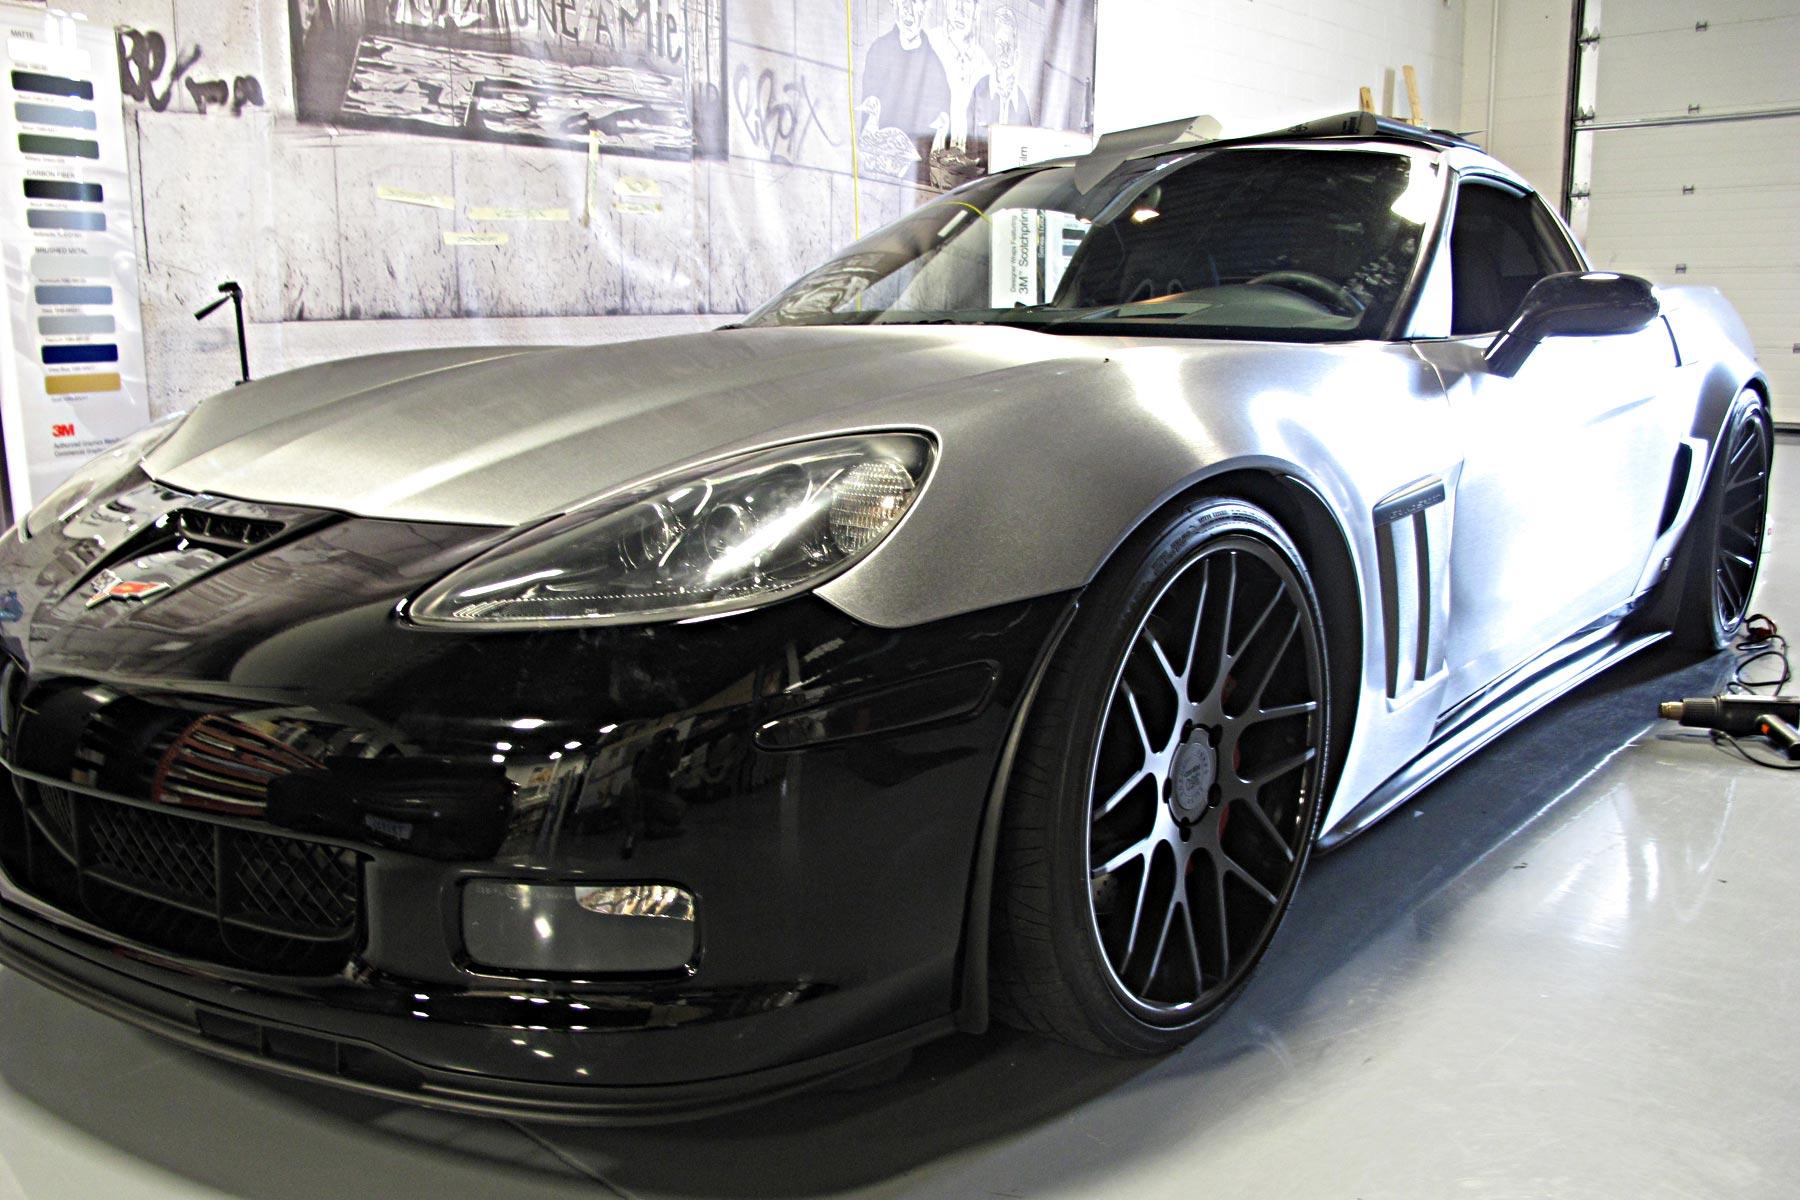 car wrap corvette - photo #15